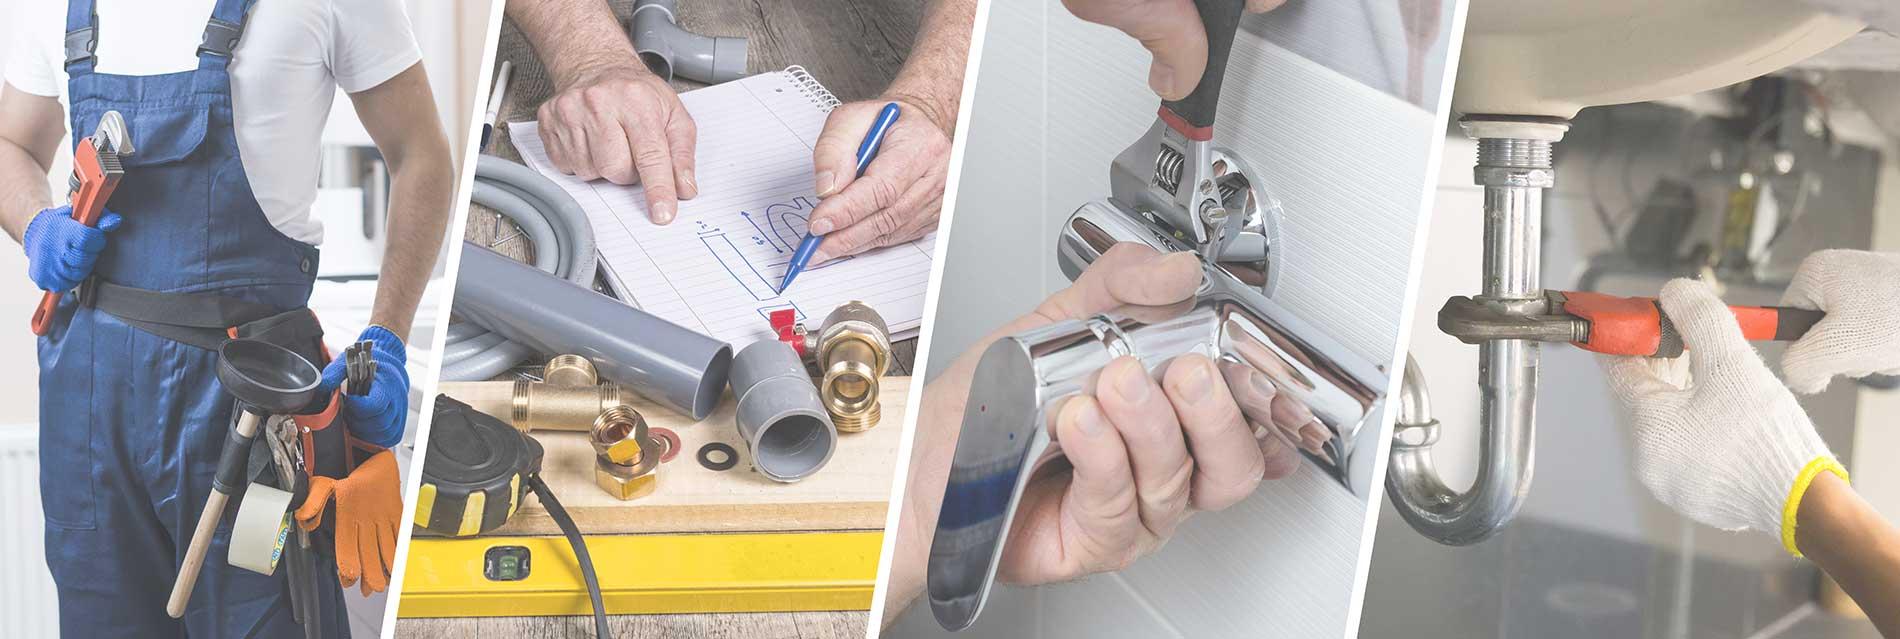 Plumbing-Contractor